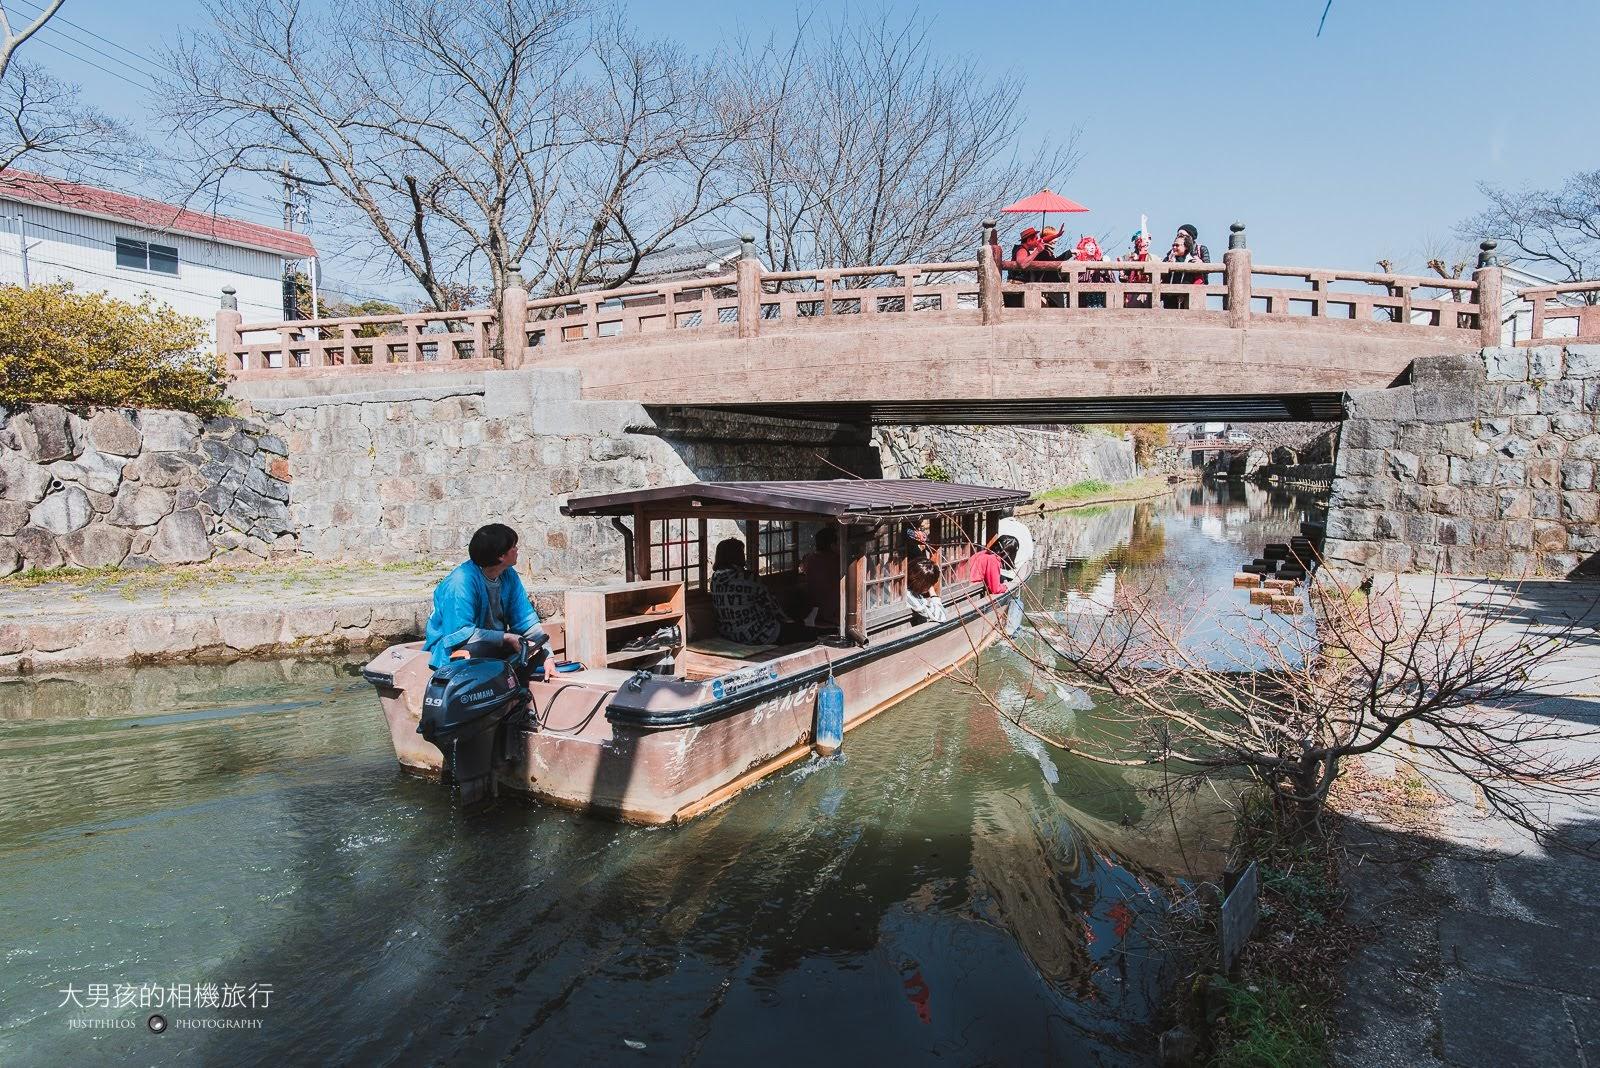 搭乘屋型船穿梭在八幡堀水道間,是來八幡堀常見的遊覽方式。